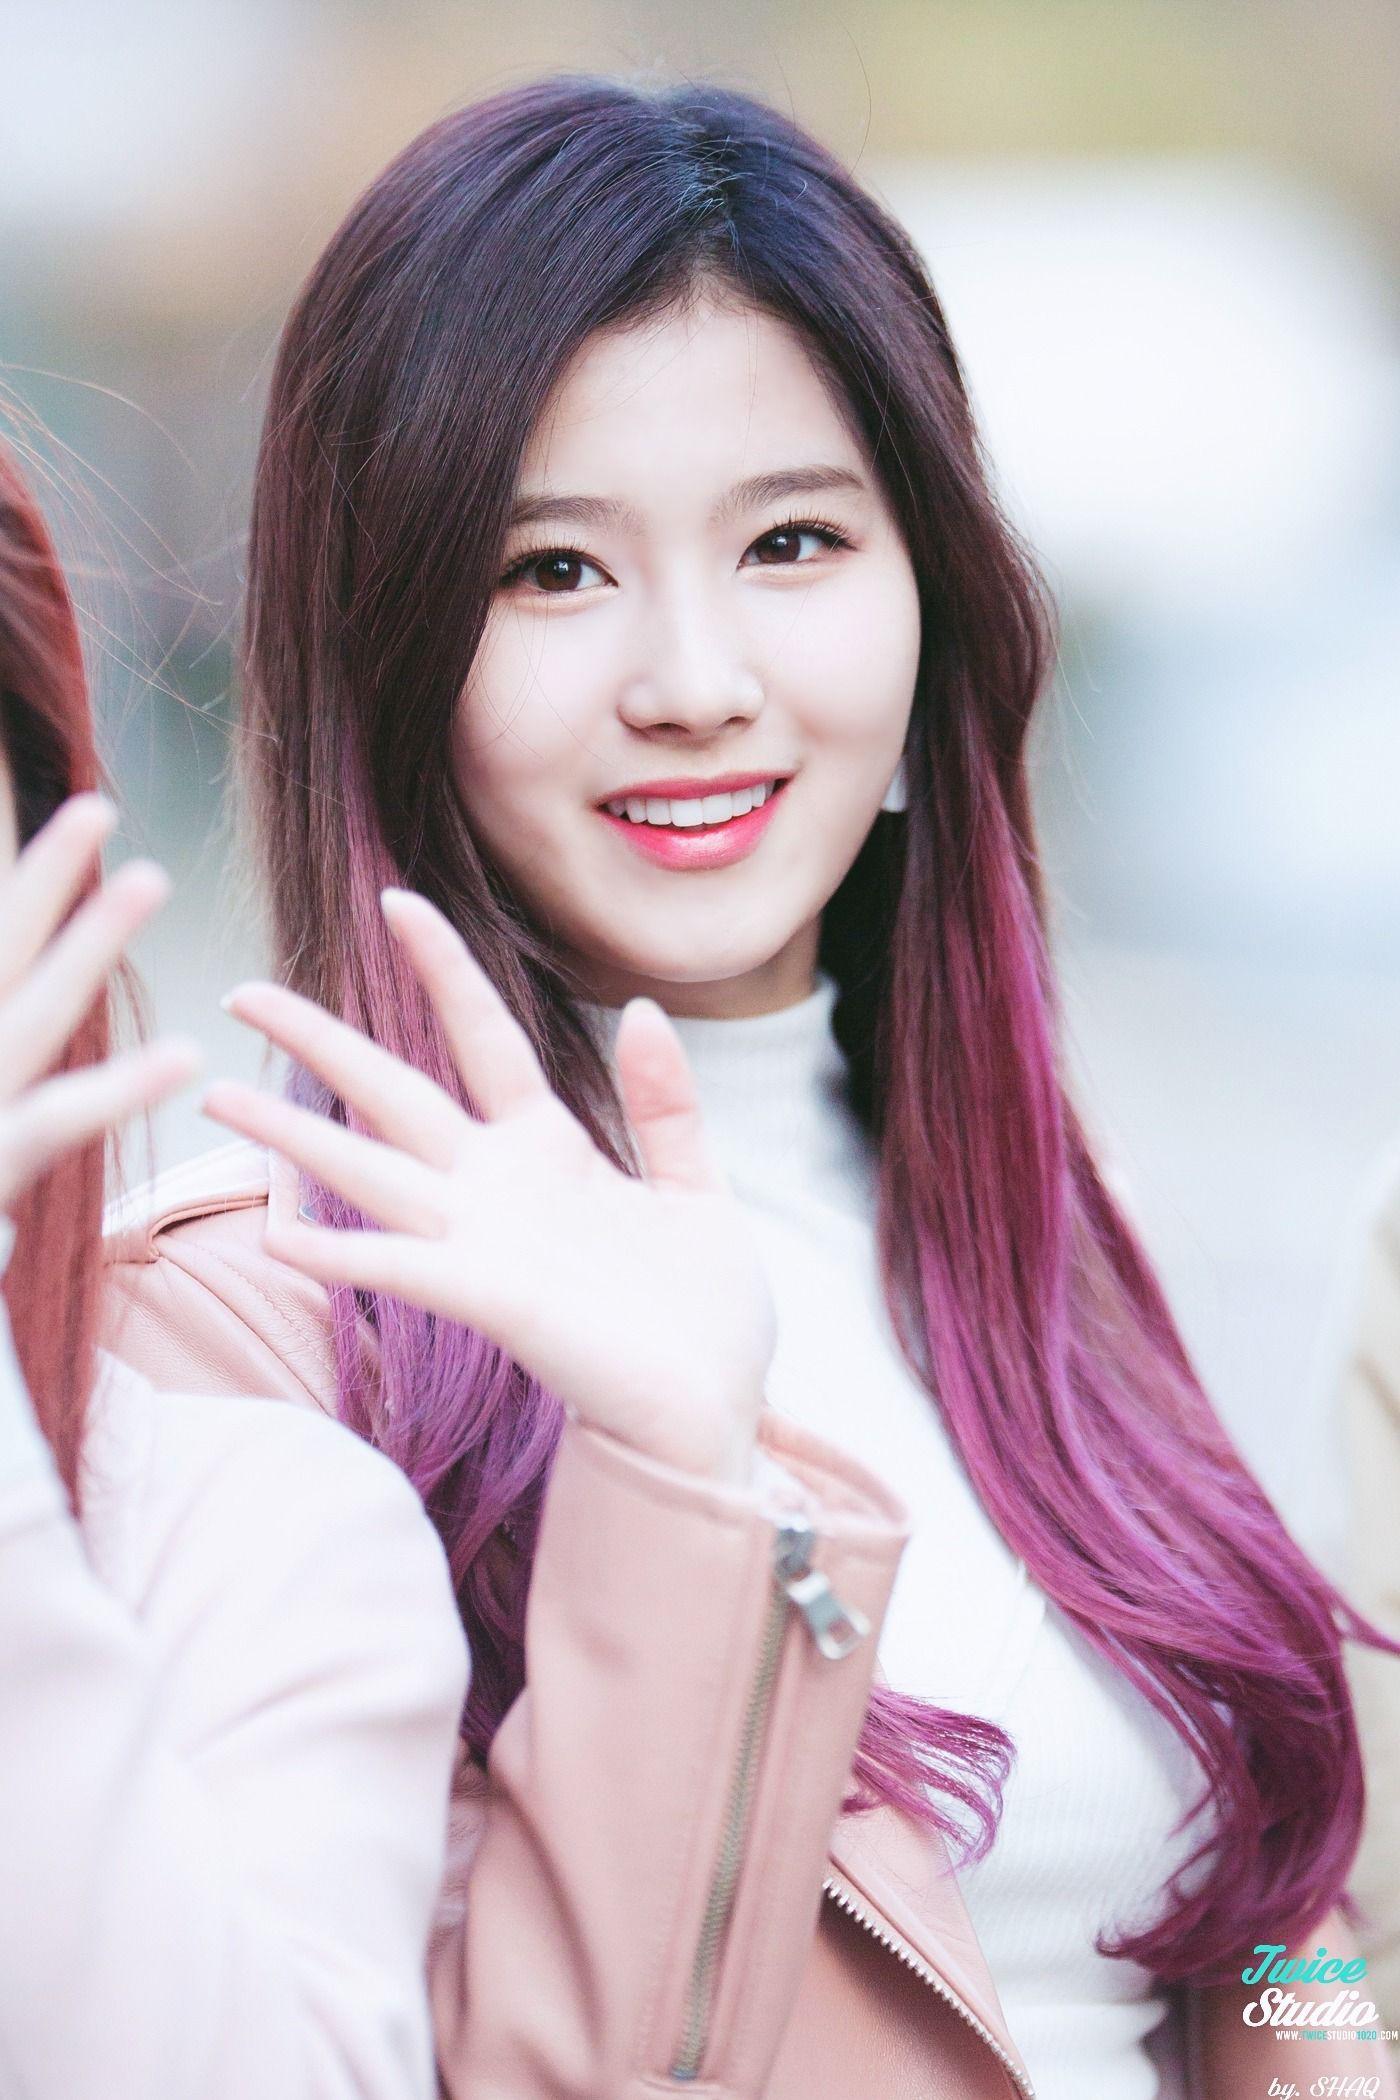 BTS cùng hơn 100 idol bình chọn top đại diện nhan sắc Kpop: TWICE lấn át Black Pink, nhiều gương mặt gây bất ngờ - Ảnh 7.